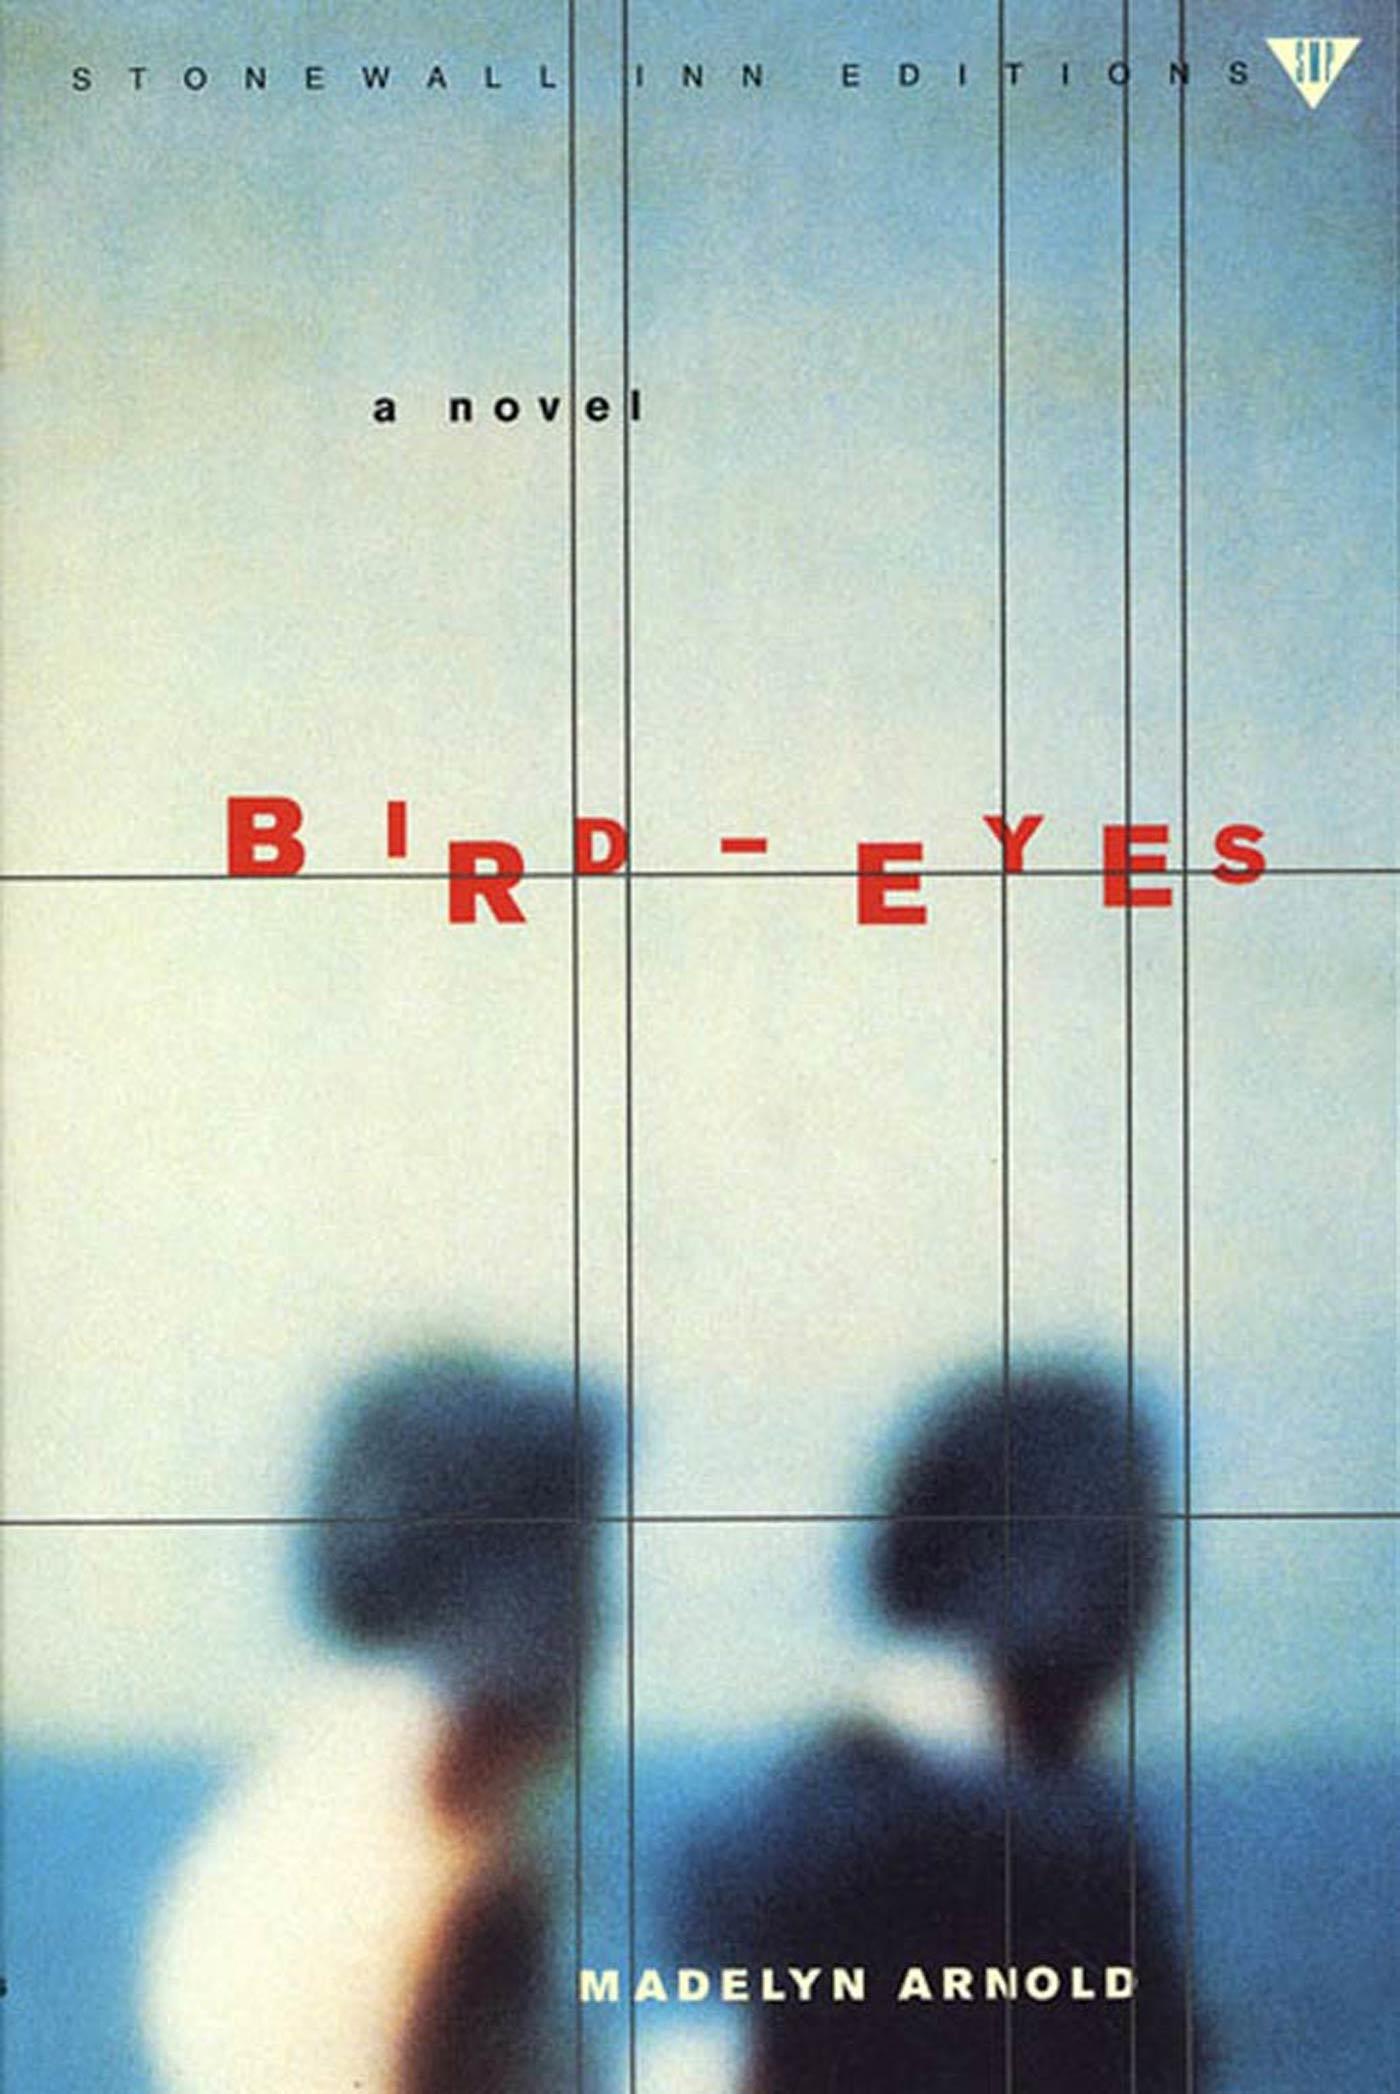 Bird-Eyes A Novel